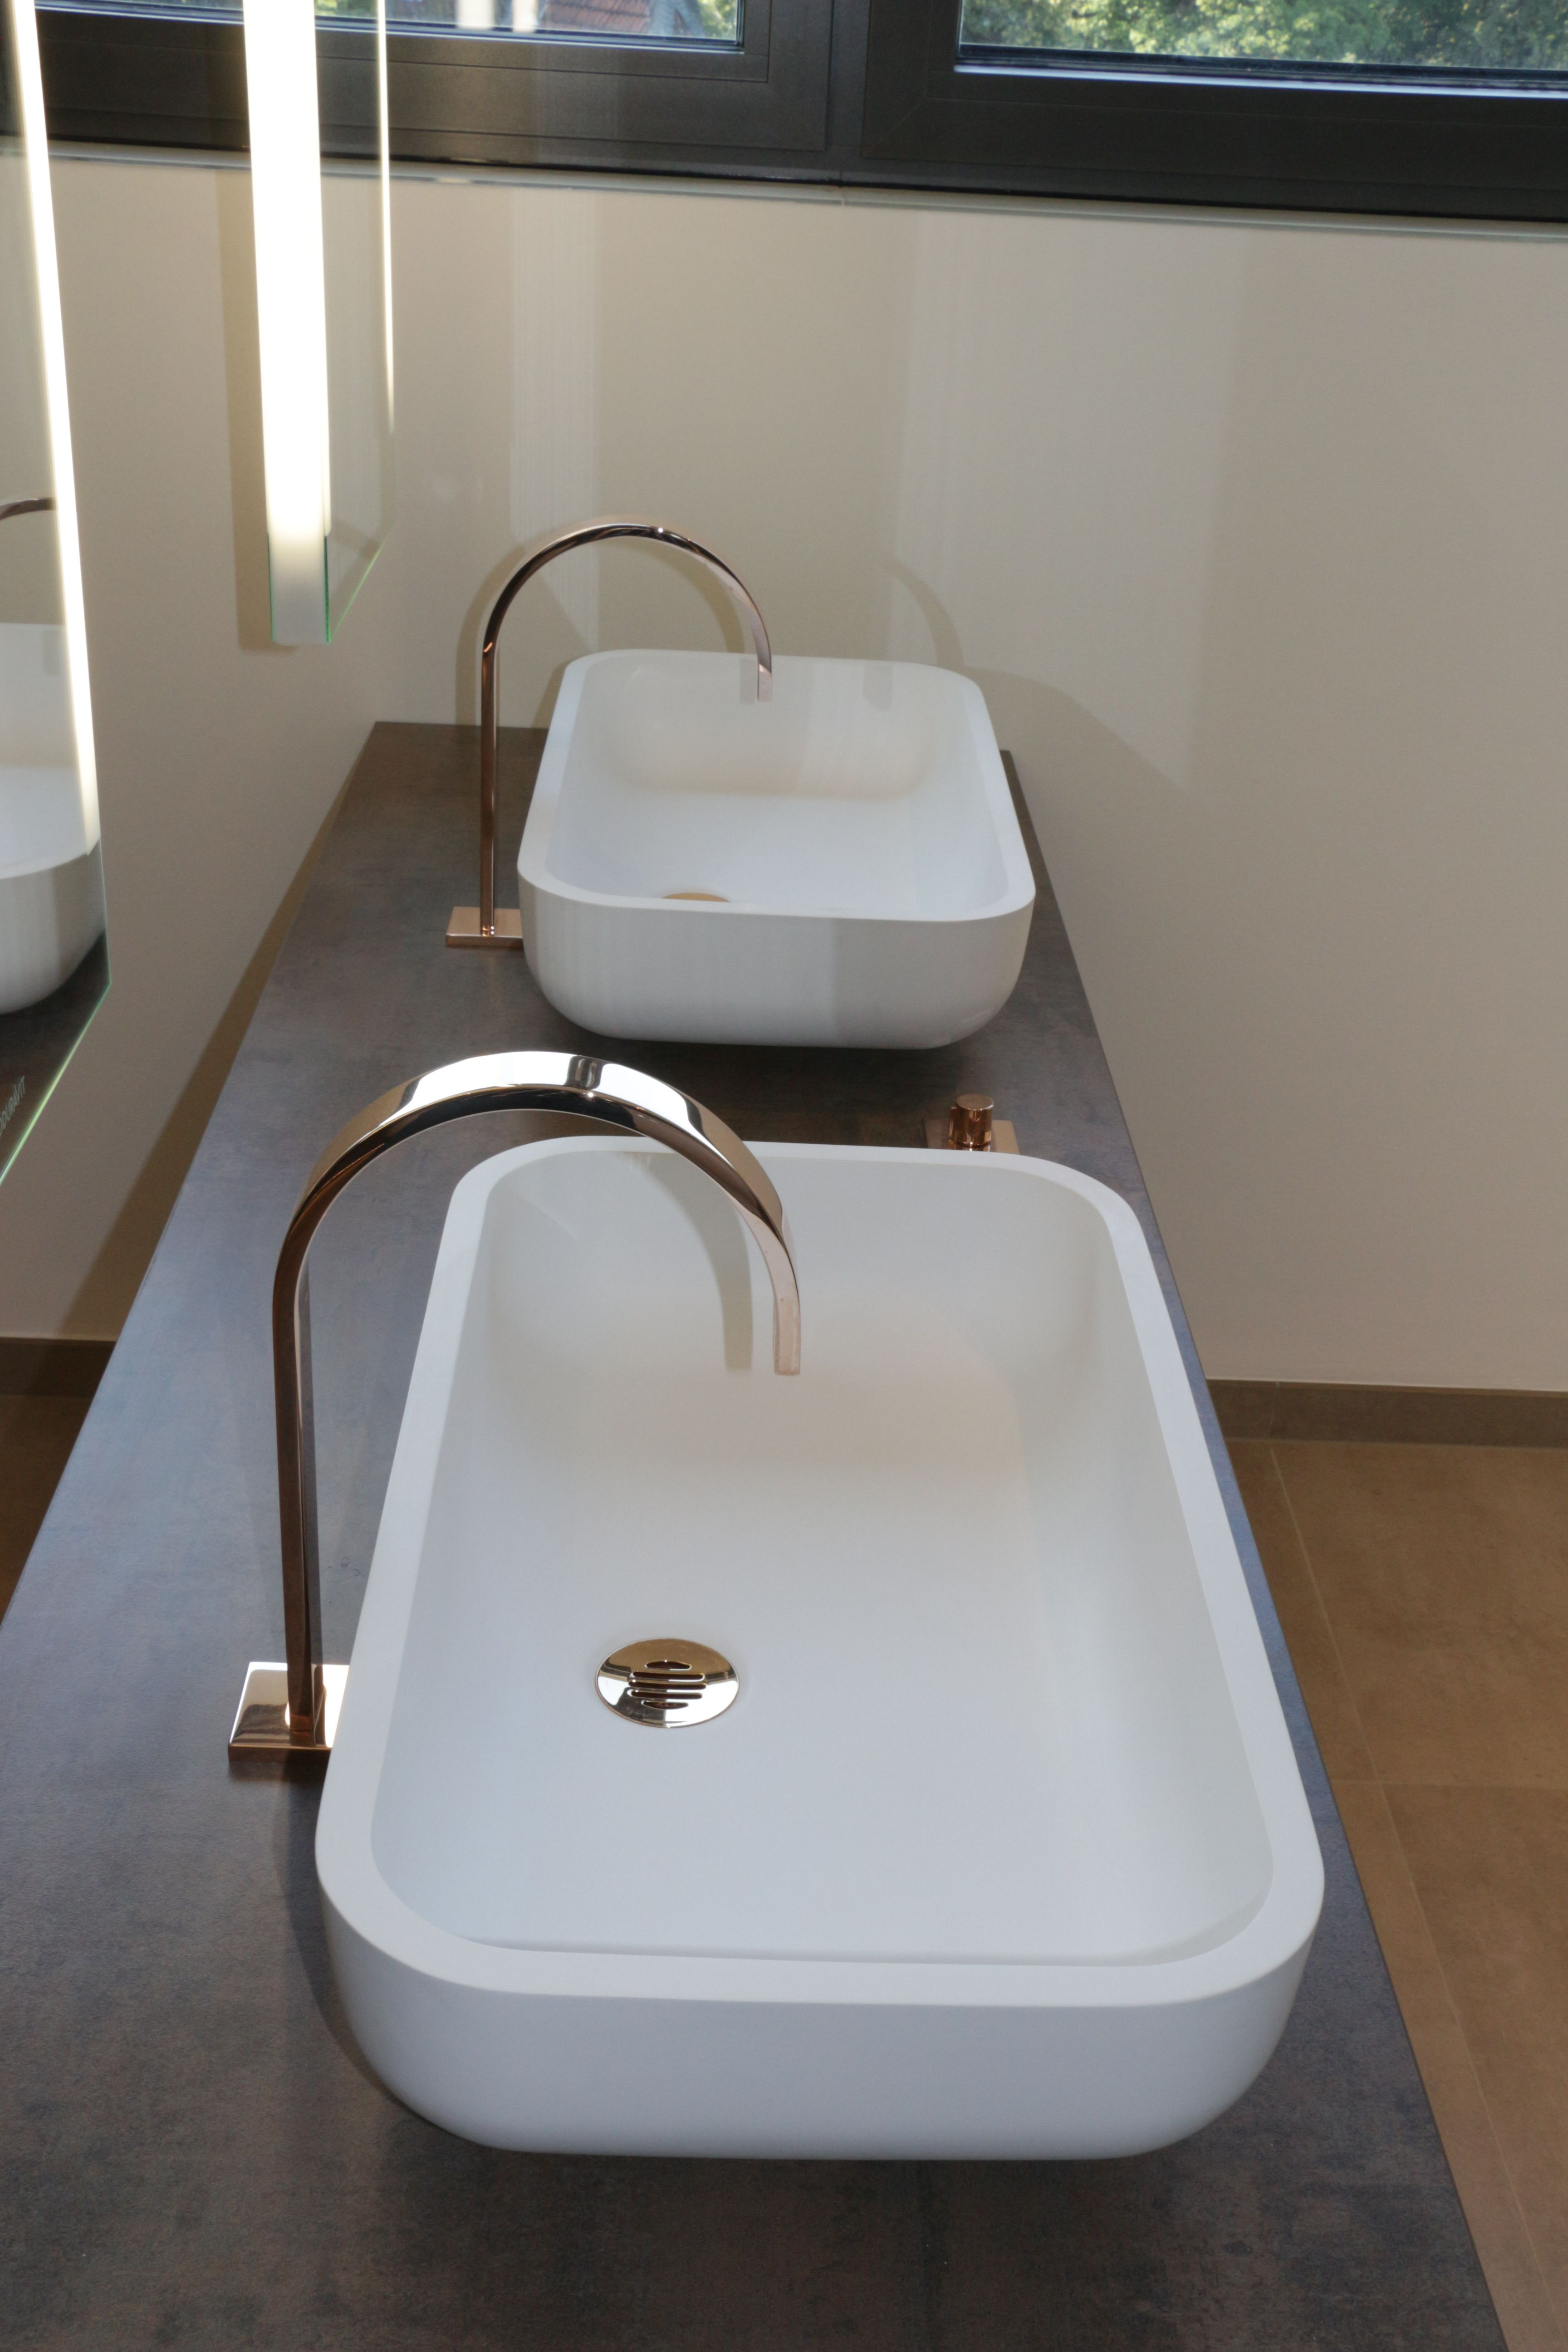 Moderne Waschtischkombination Waschtisch Aufstellbecken Wandfliesen Bodenfliesen Armatur Bad Badezimmer Gasteec Waschtisch Armaturen Bad Duscharmatur